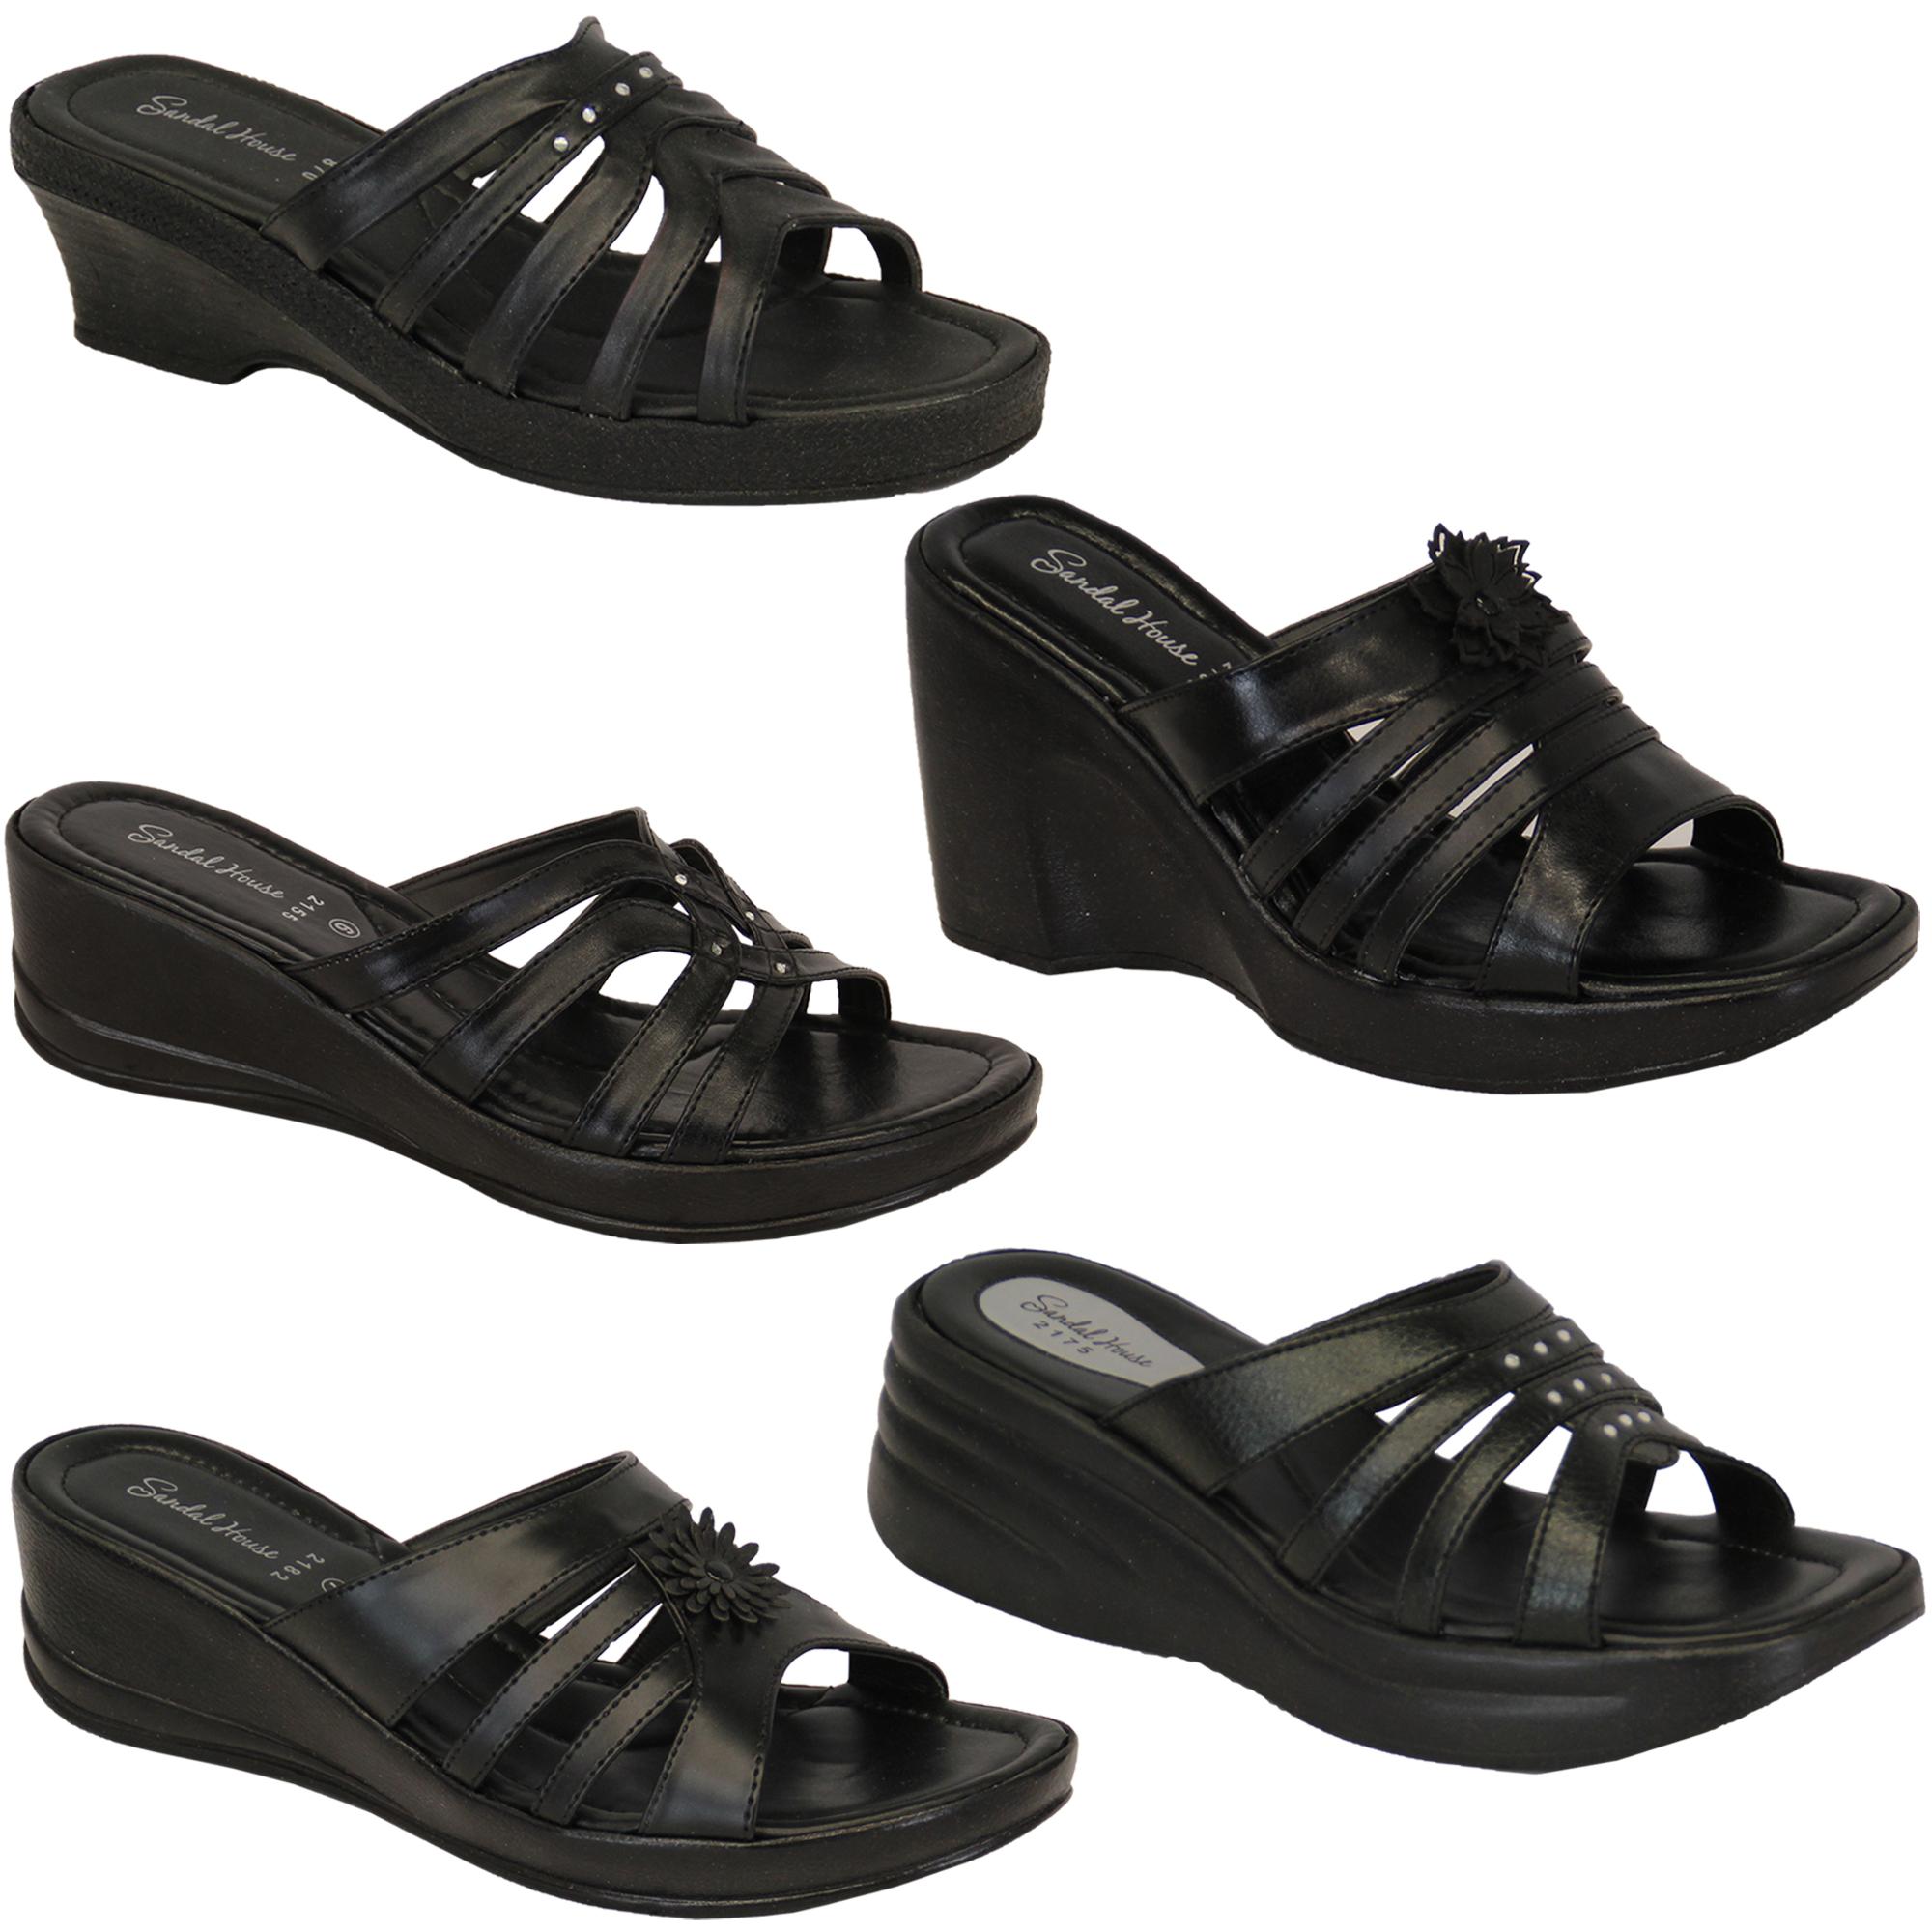 damen ohne b gel offene zehen keilabsatz slipper schuhe von sandal house ebay. Black Bedroom Furniture Sets. Home Design Ideas